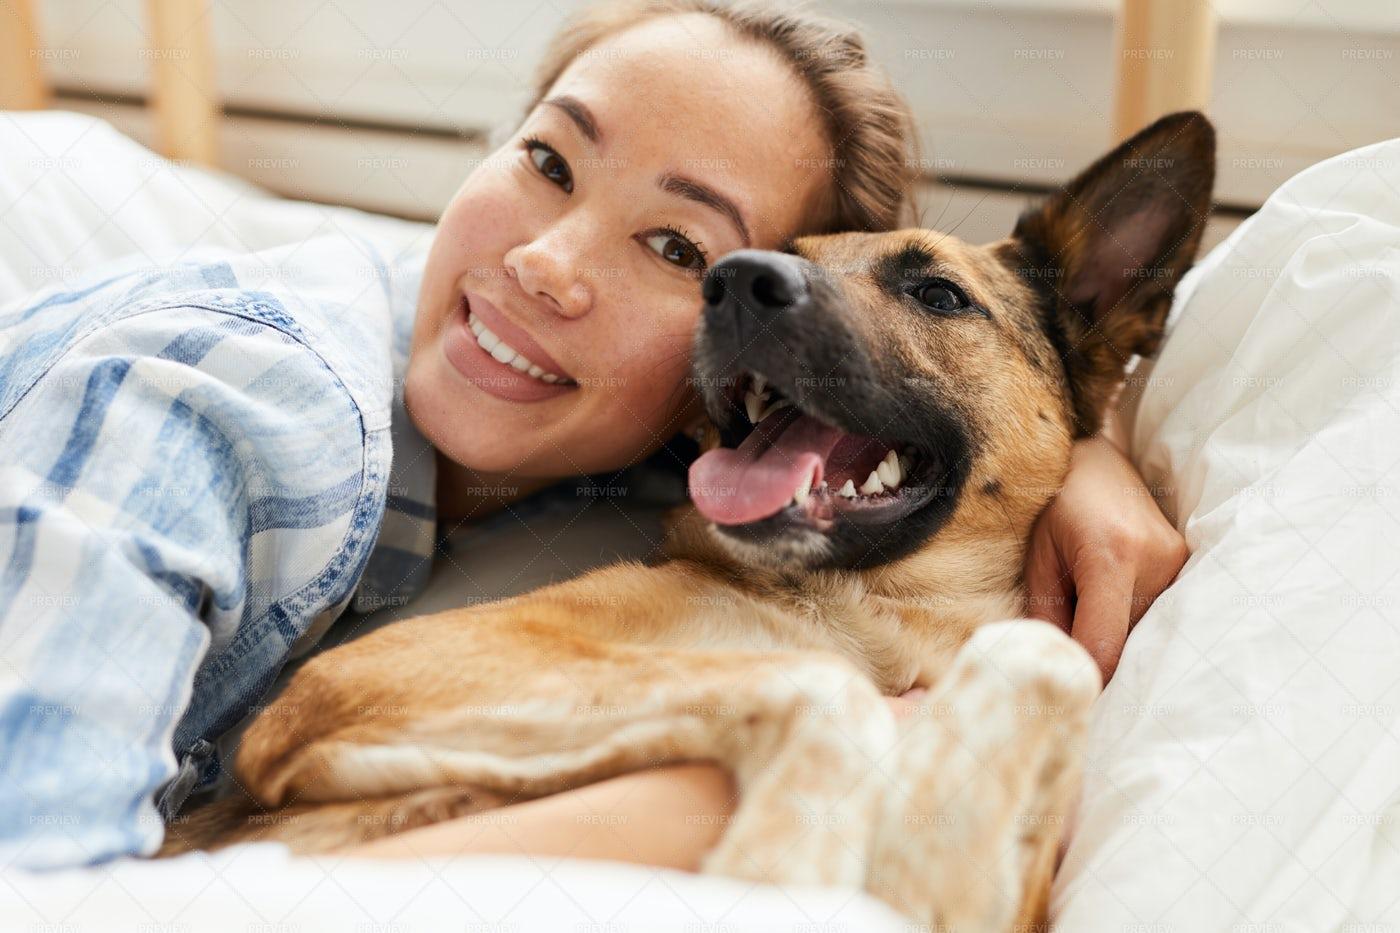 Beautiful Asian Woman Hugging Dog: Stock Photos